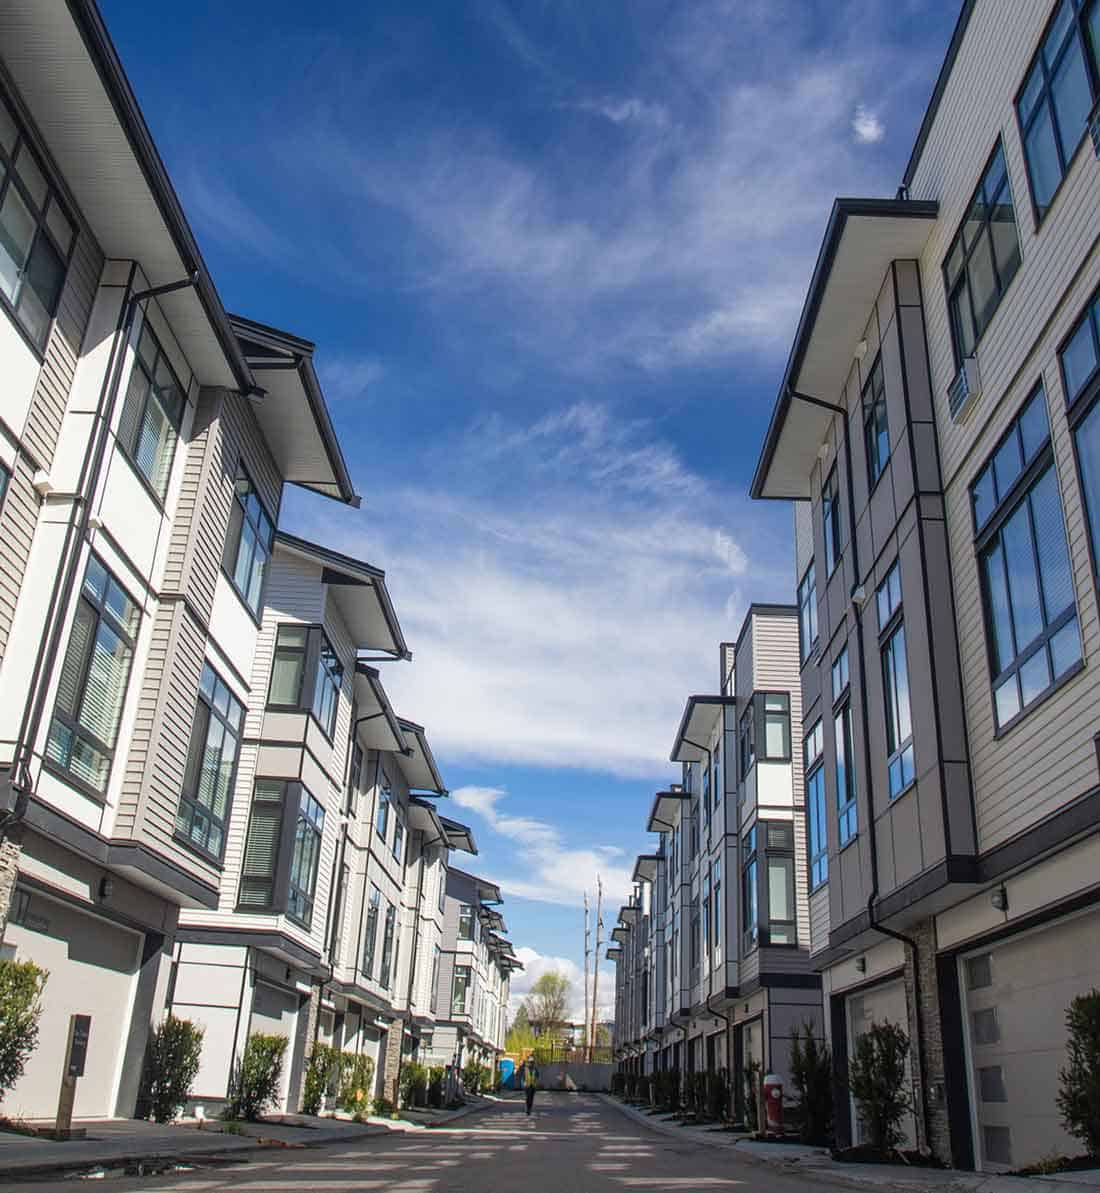 Продажи новых жилых домов в США март 2019